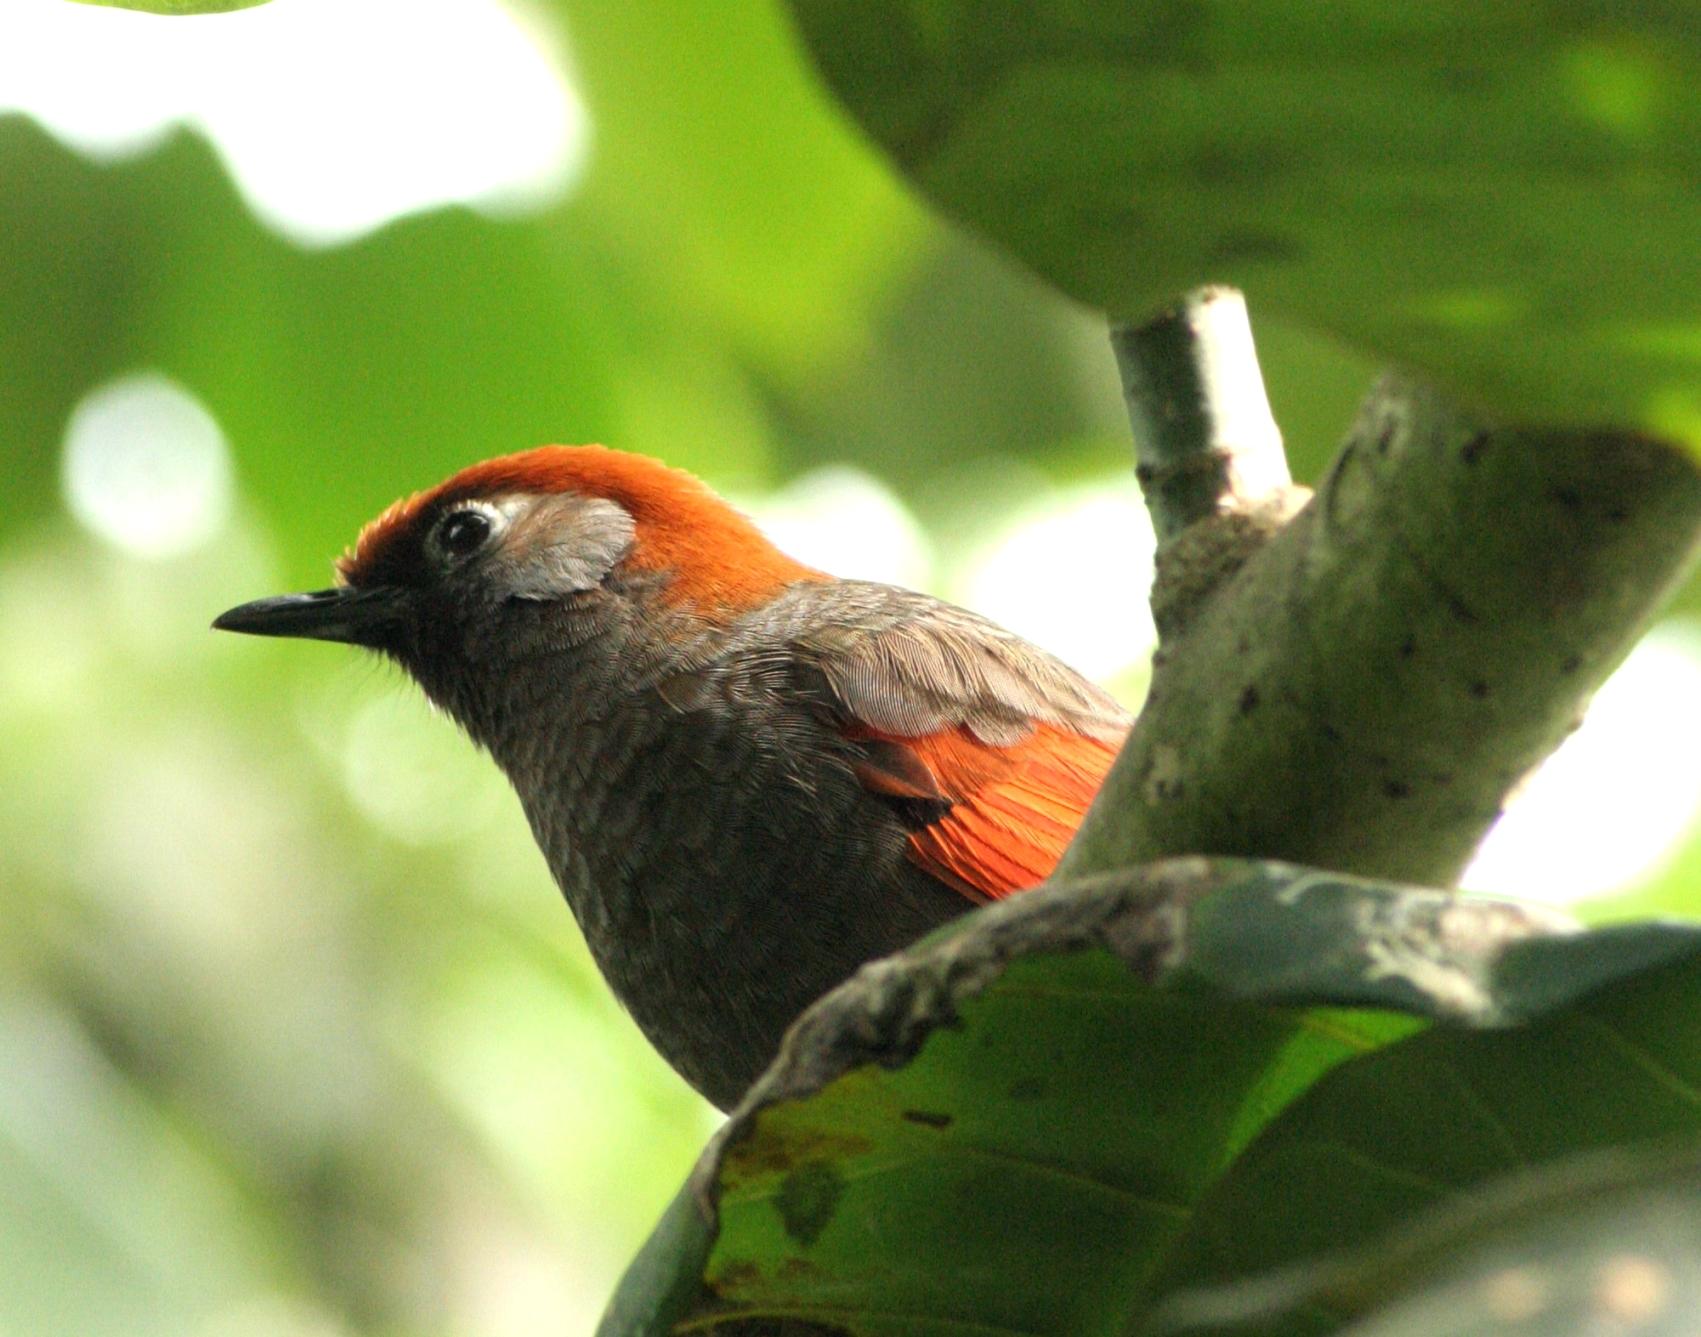 Les oiseaux qui nous enchantent par leurs plumages color s for Oiseau vert et rouge